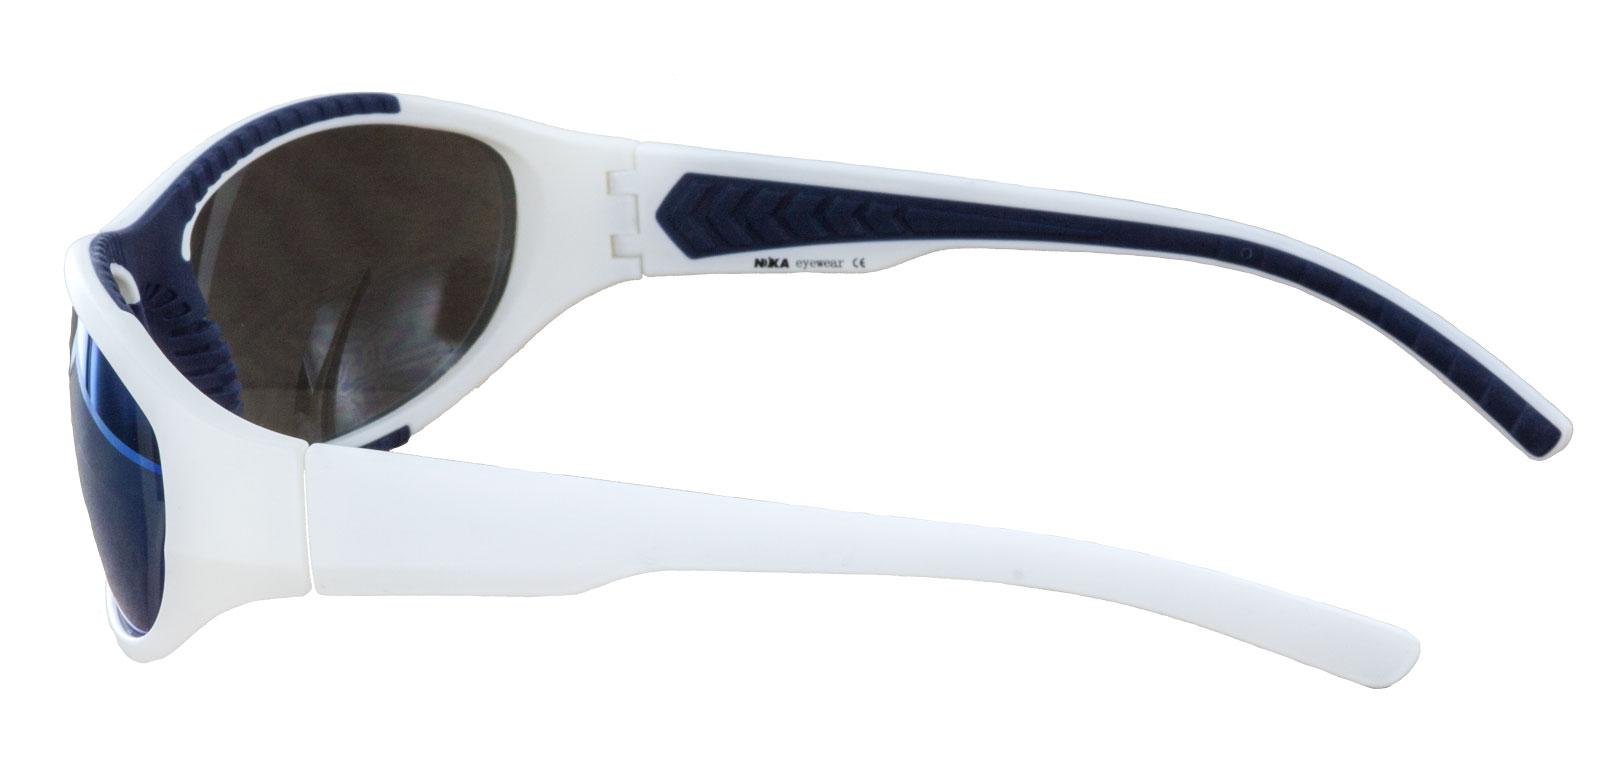 Sonnenbrille weiß blau Unisex Brille Nika Eywear Sportbrille